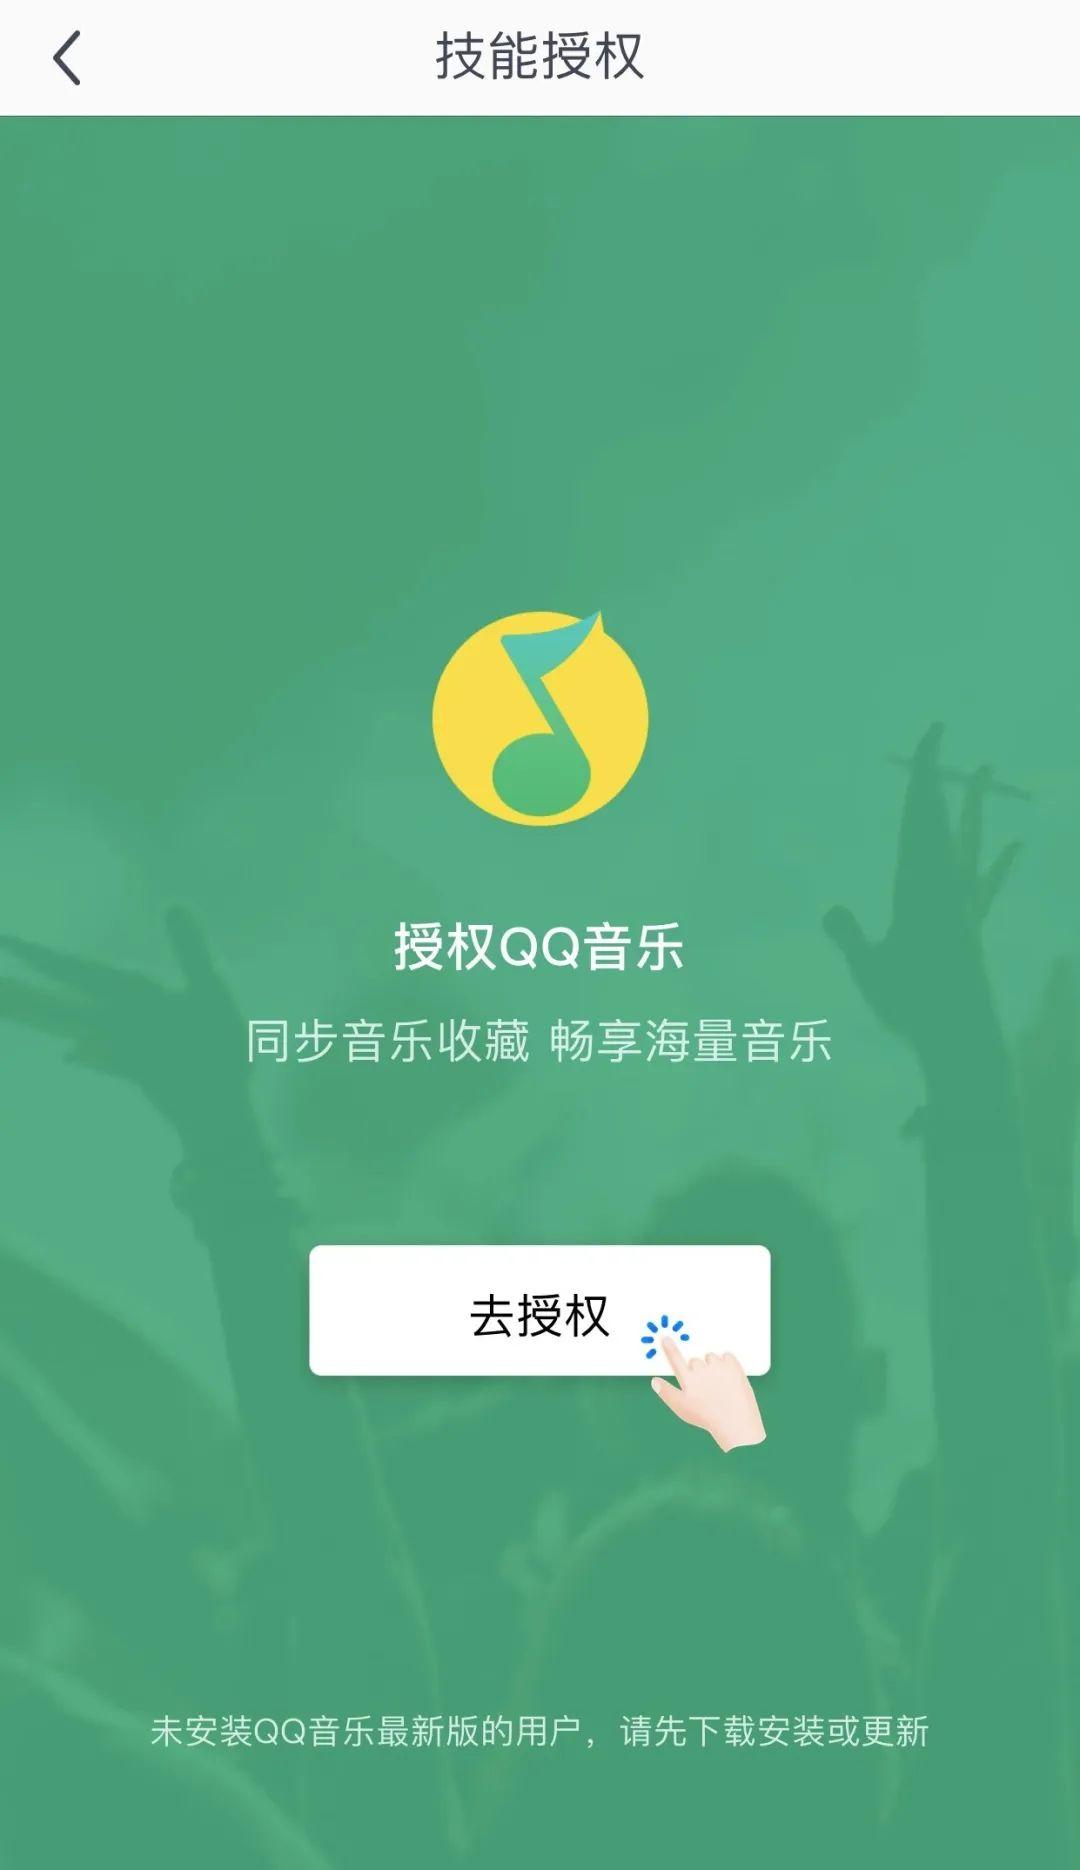 不会吧!你不知道格力语音空调可以听QQ版权音乐?